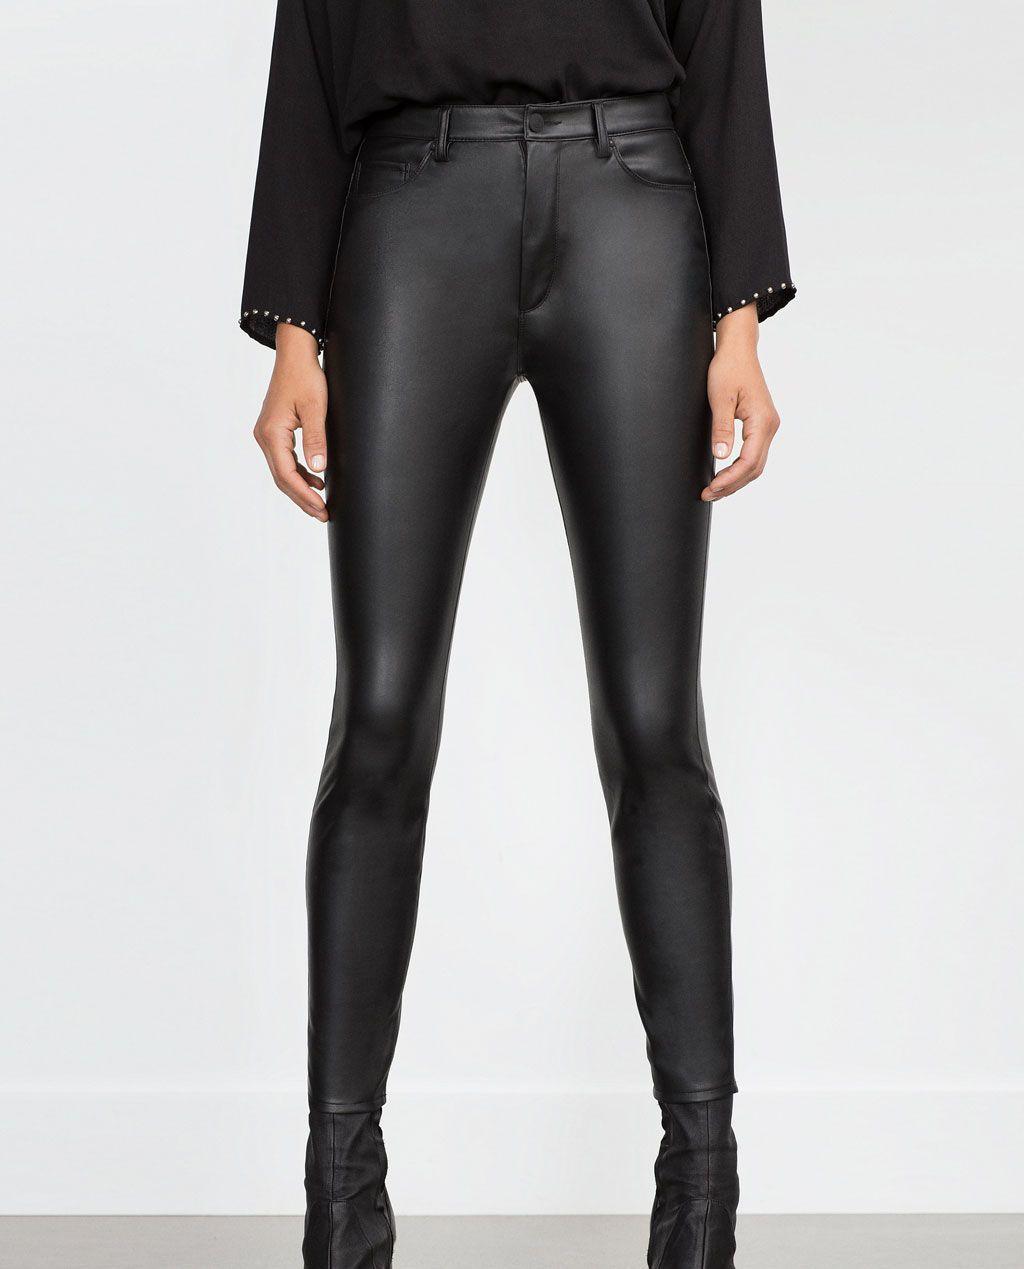 c02f5ff6cc Comprar Pantalones De Cuero Mujer – Sólo otra idea de imagen de ...